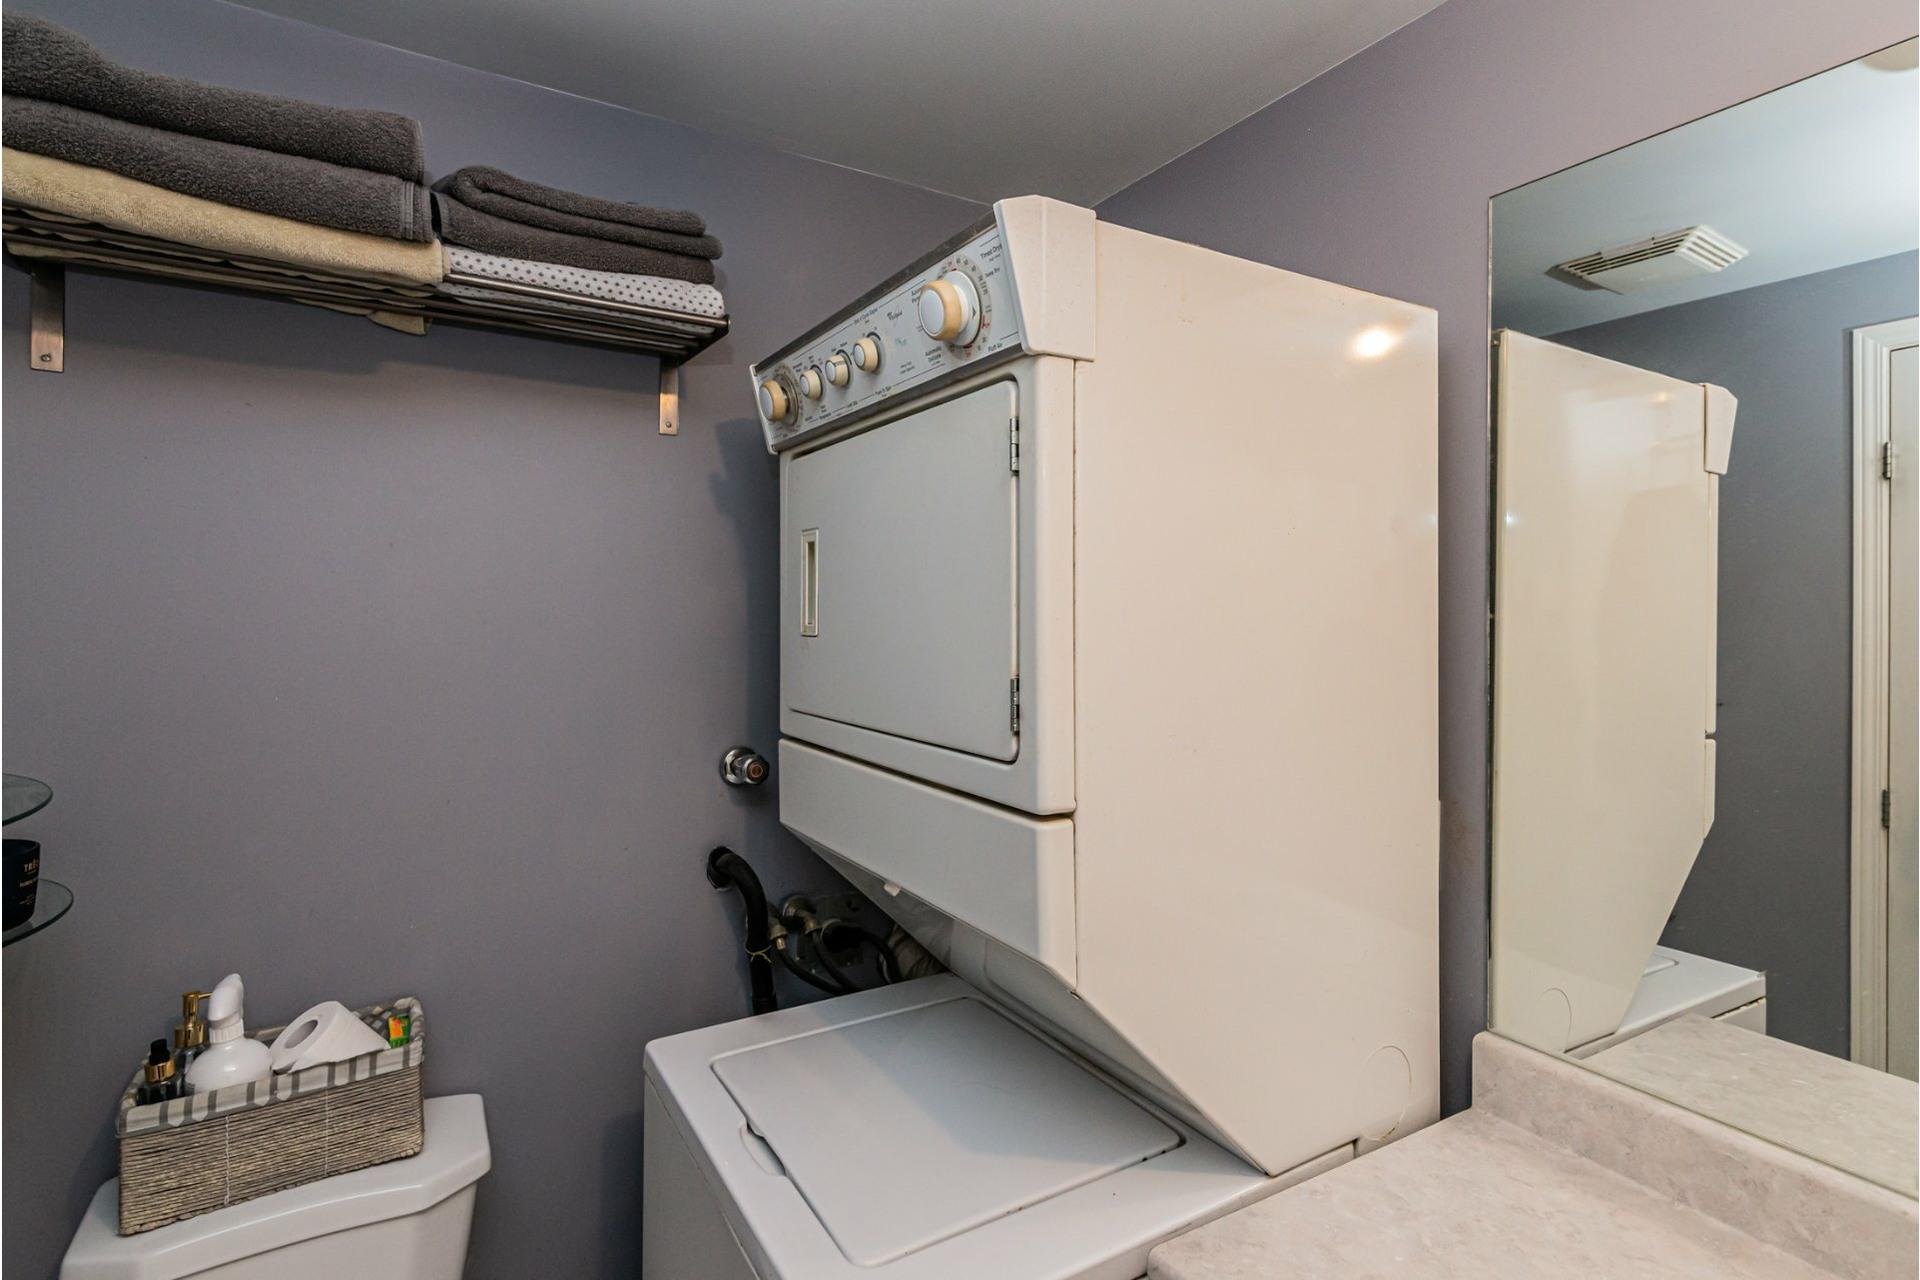 image 12 - Appartement À vendre Lachine Montréal  - 5 pièces